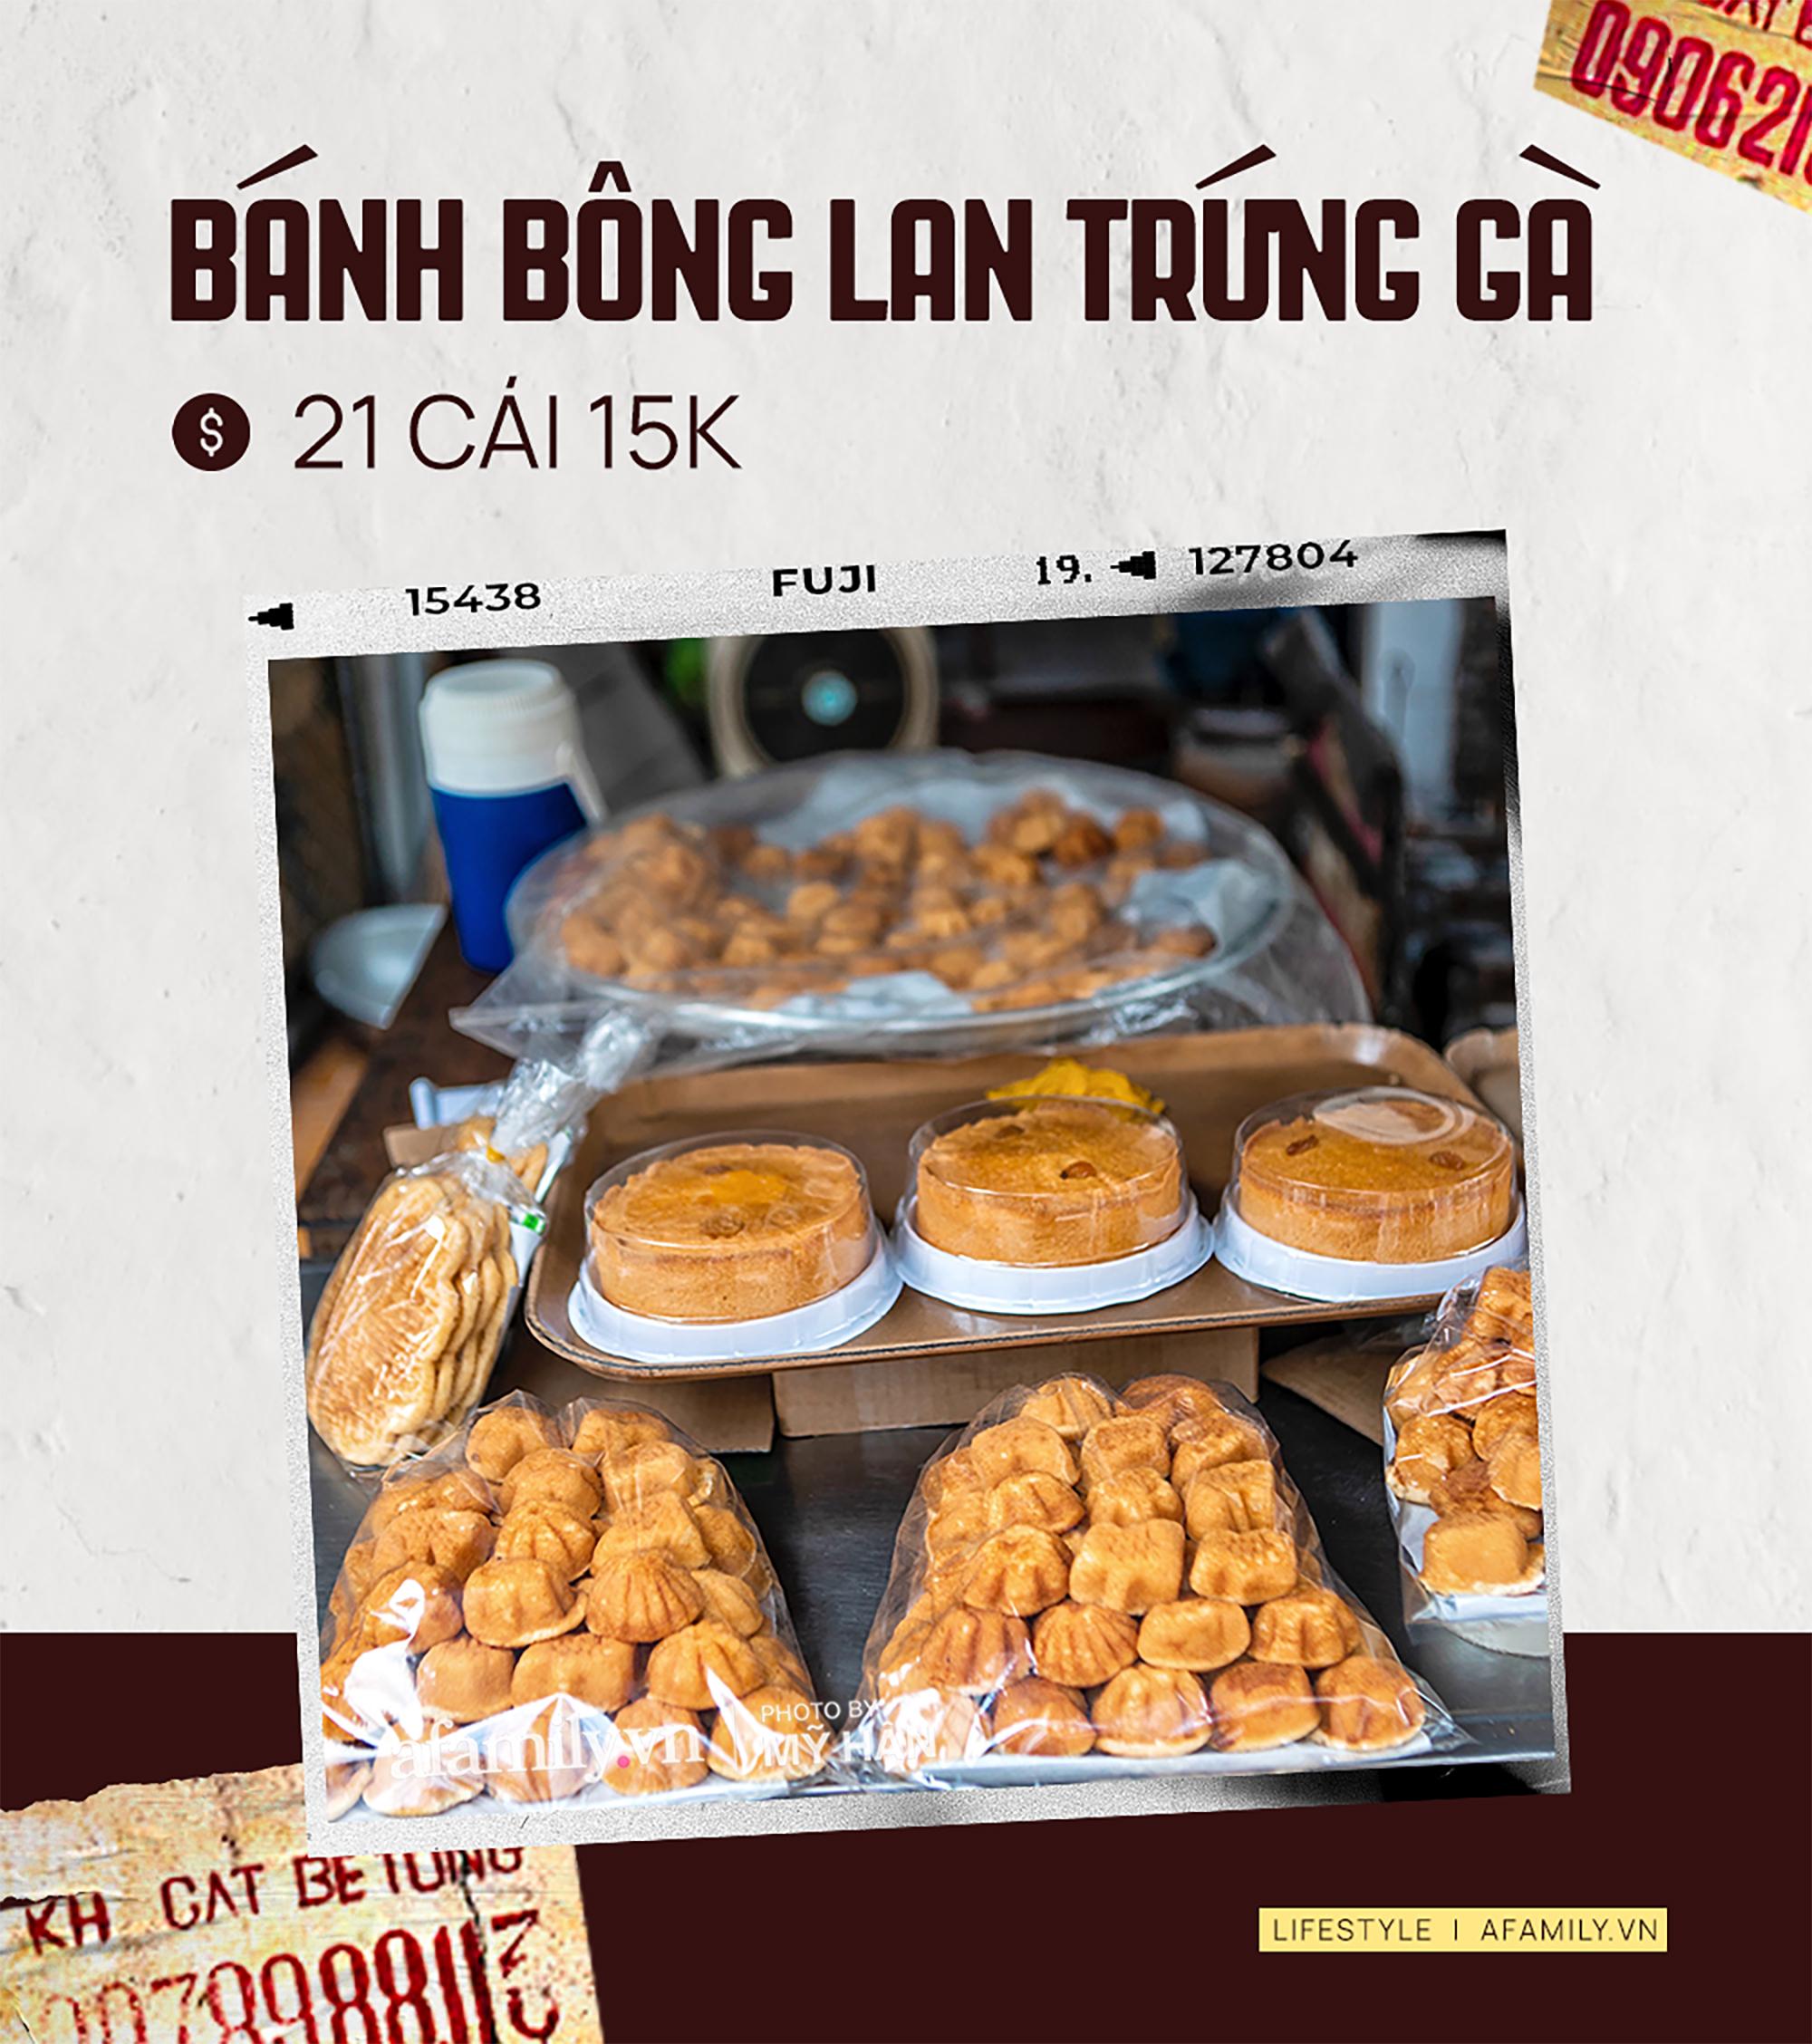 """""""Choáng"""" với bảng giá loạt món ăn tại một tỉnh ở miền Tây, nơi vừa được công bố là có mức sống thấp nhất Việt Nam! - Ảnh 9."""